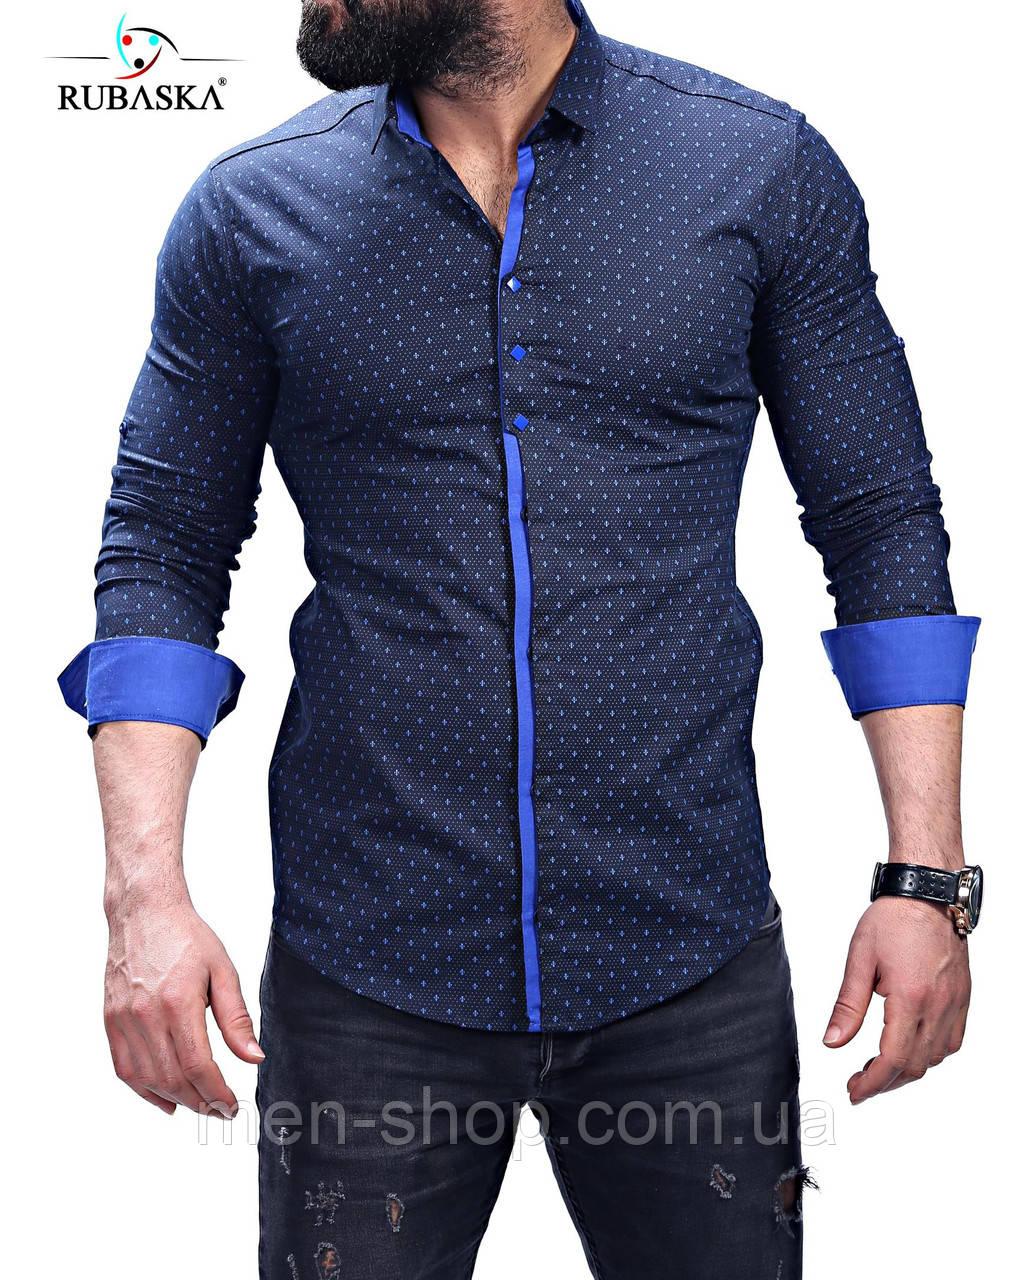 b2431e52914 Модная синяя мужская рубашка  продажа